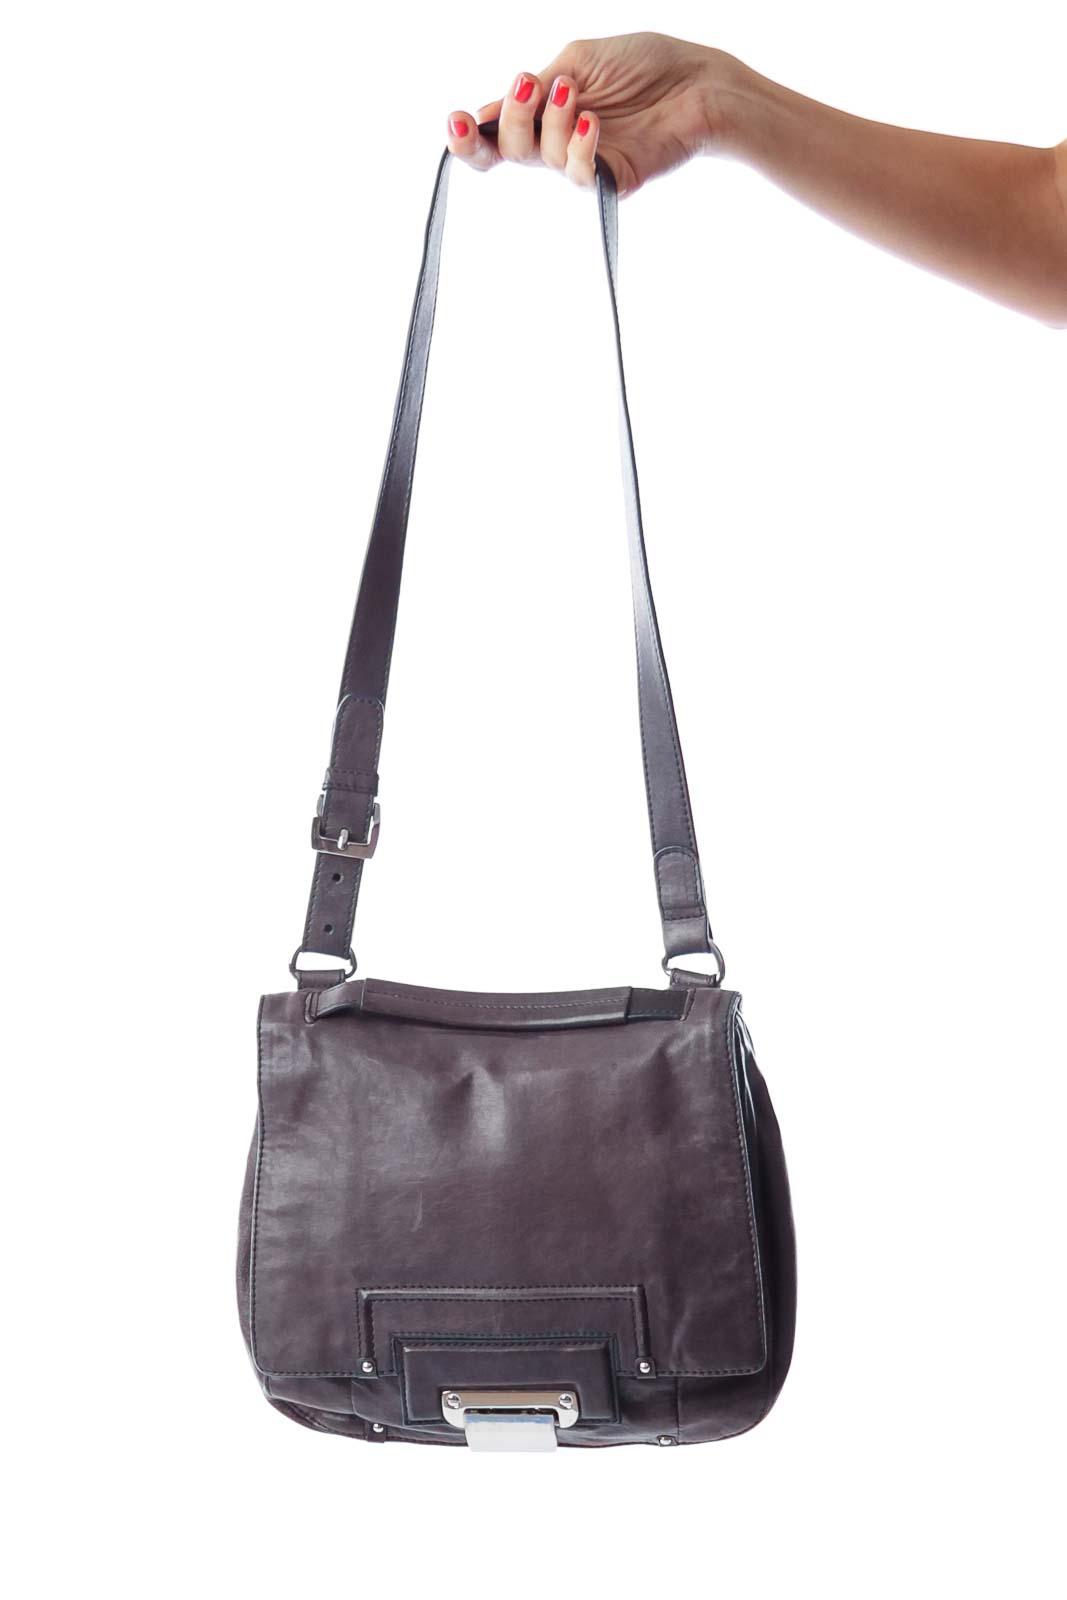 Dark Gray Crossbody Bag Front